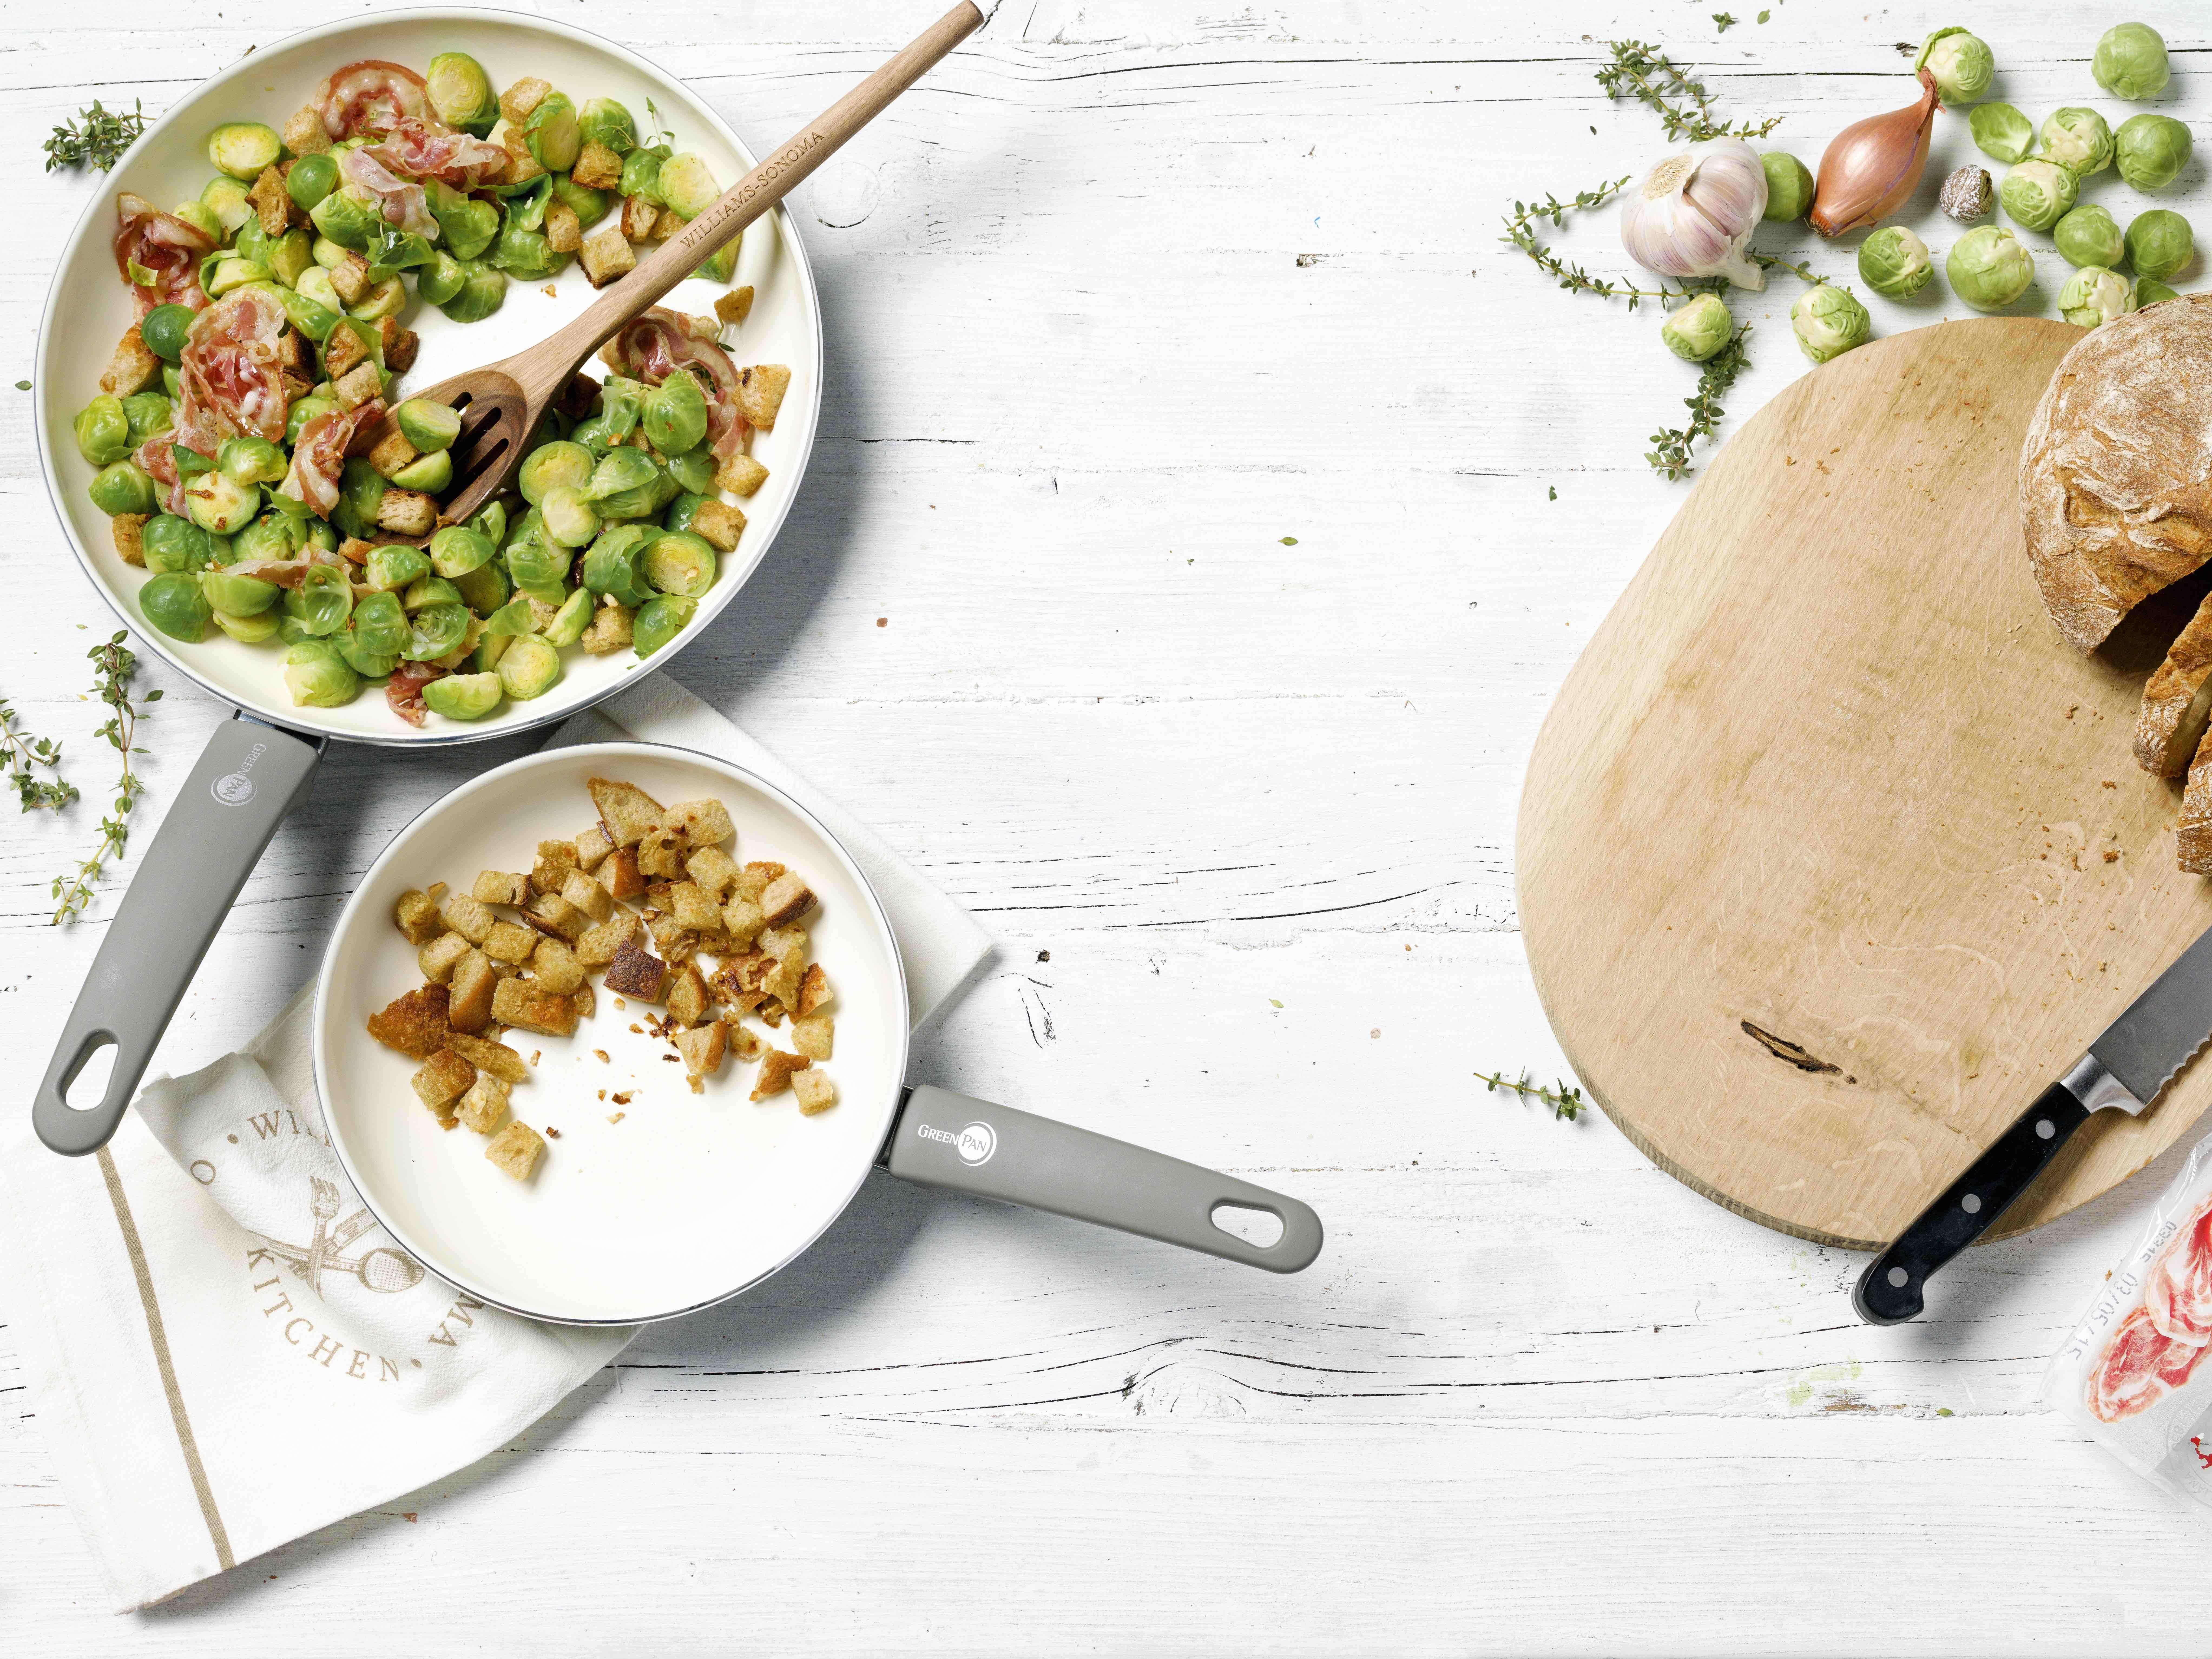 Handgrepen Keuken Gamma : De shiny pannencollectie van GreenPan, een musthave voor je keuken